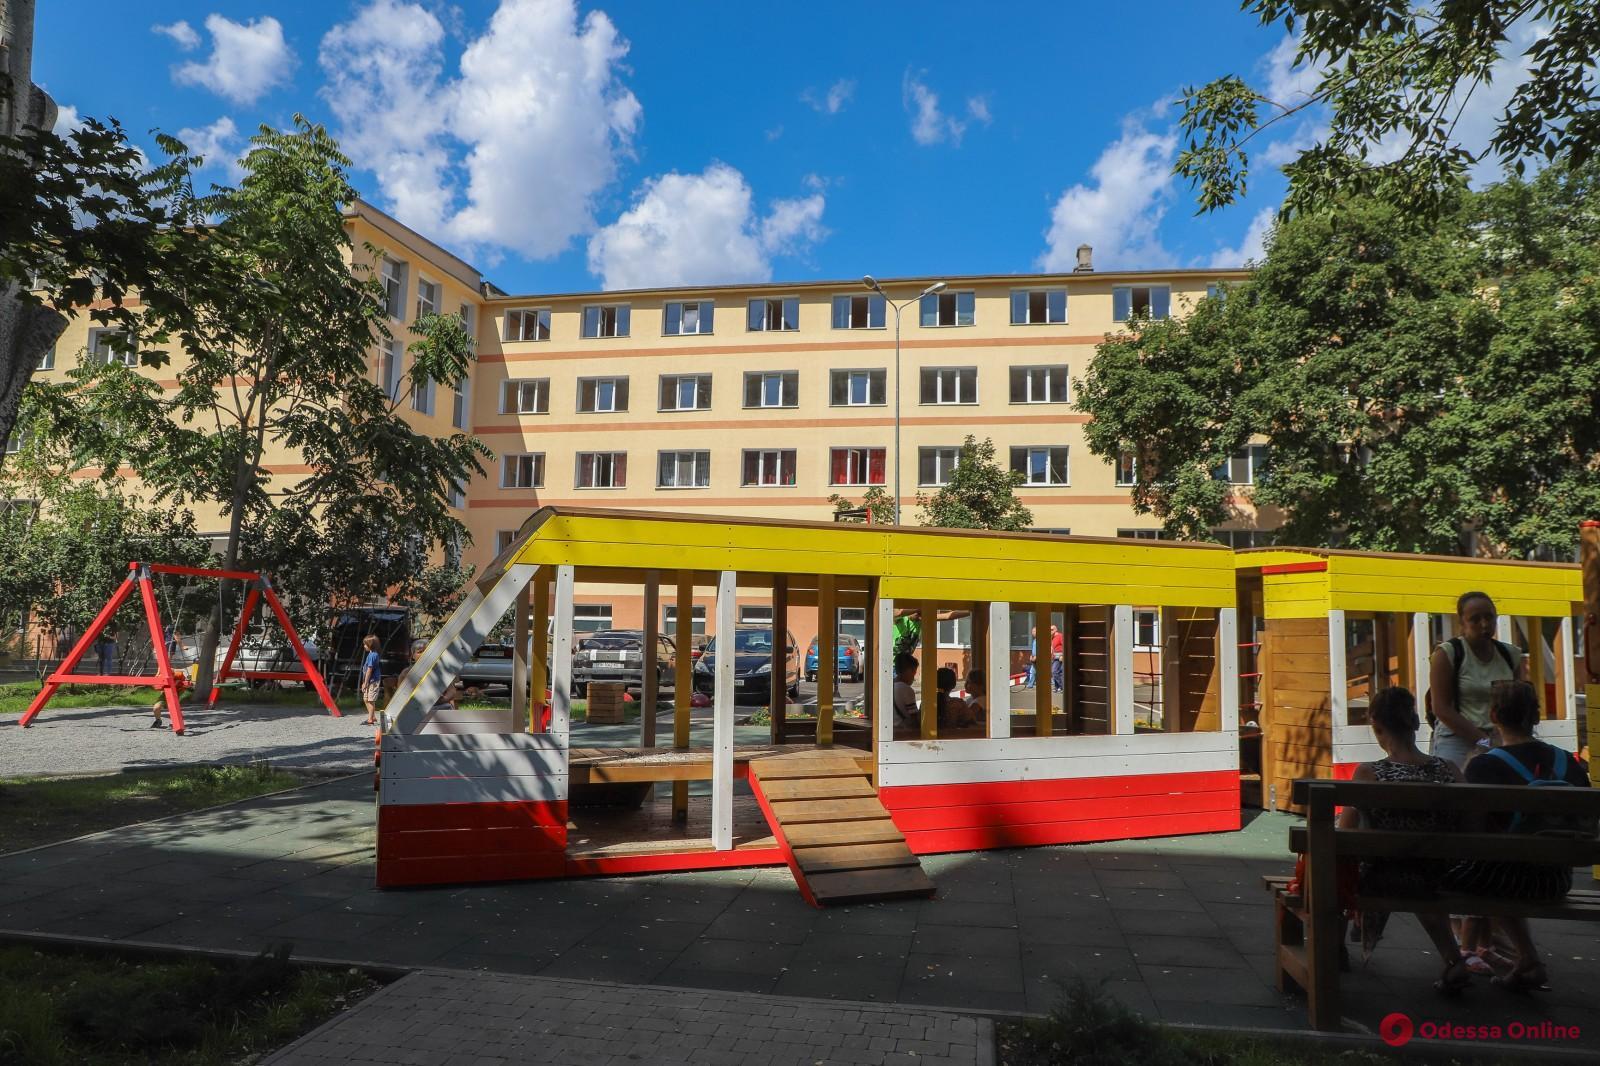 Во дворе общежития «Одесгорэлектротранса» сделали детскую площадку в виде трамвая